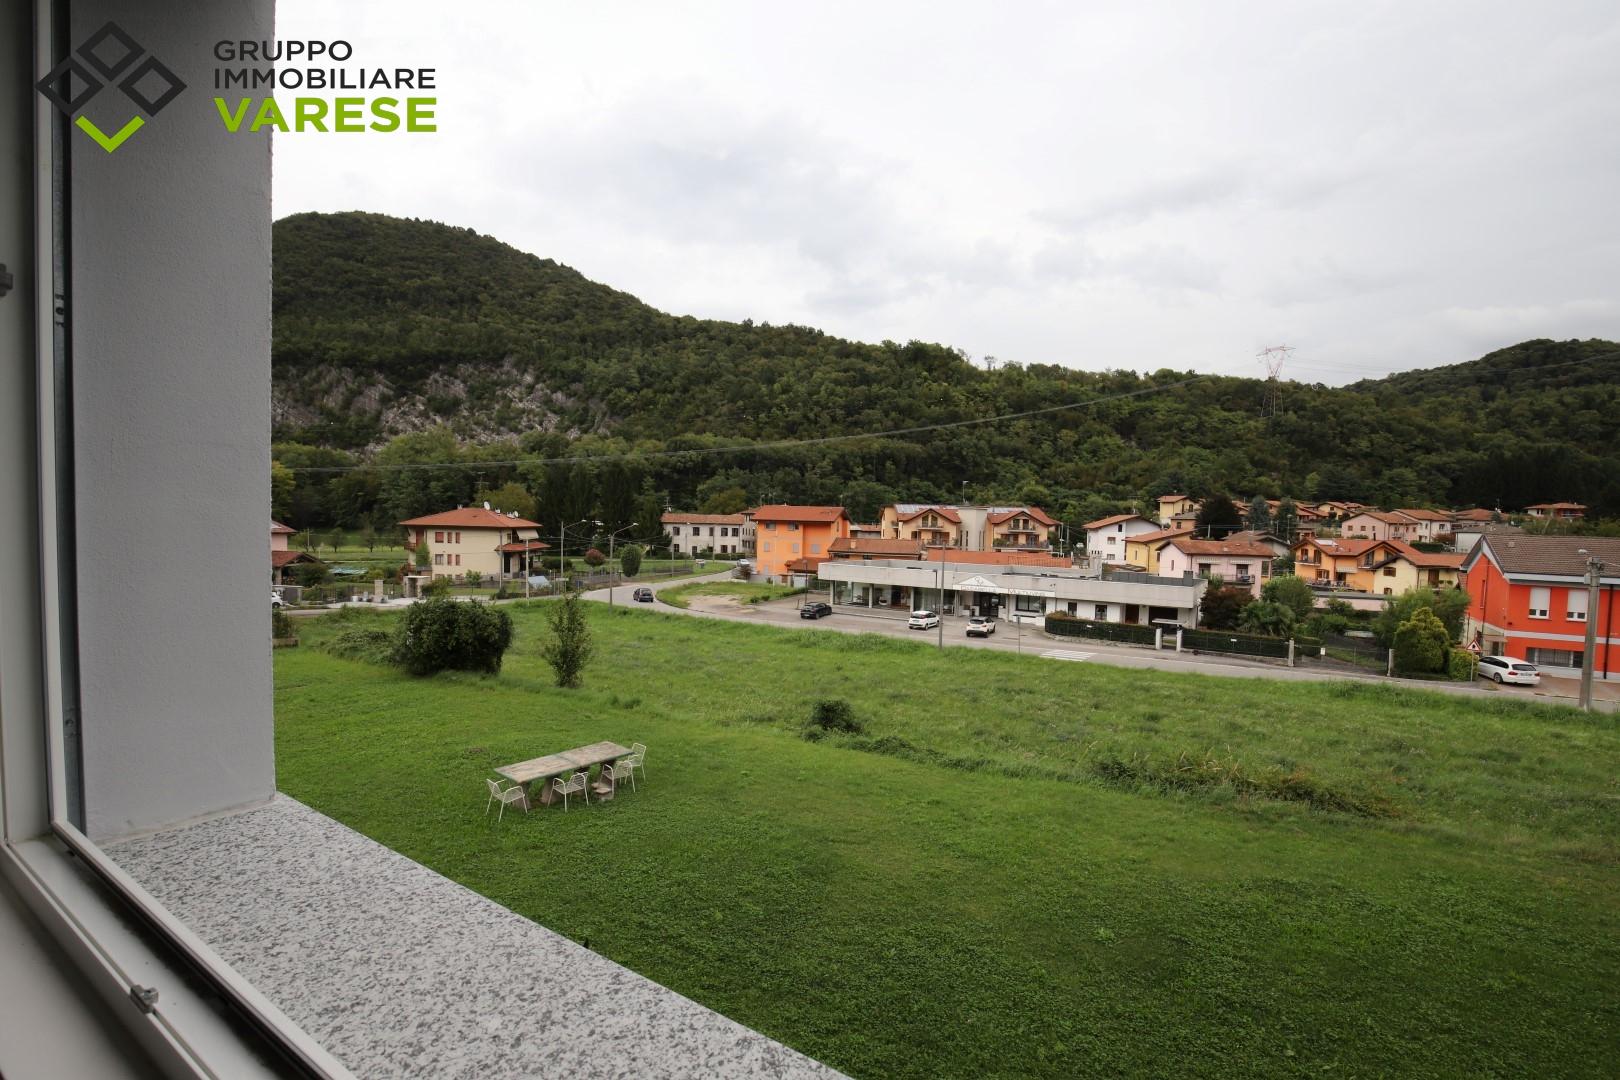 Appartamento in vendita a Bisuschio, 3 locali, zona Zona: Piamo, prezzo € 195.000 | CambioCasa.it